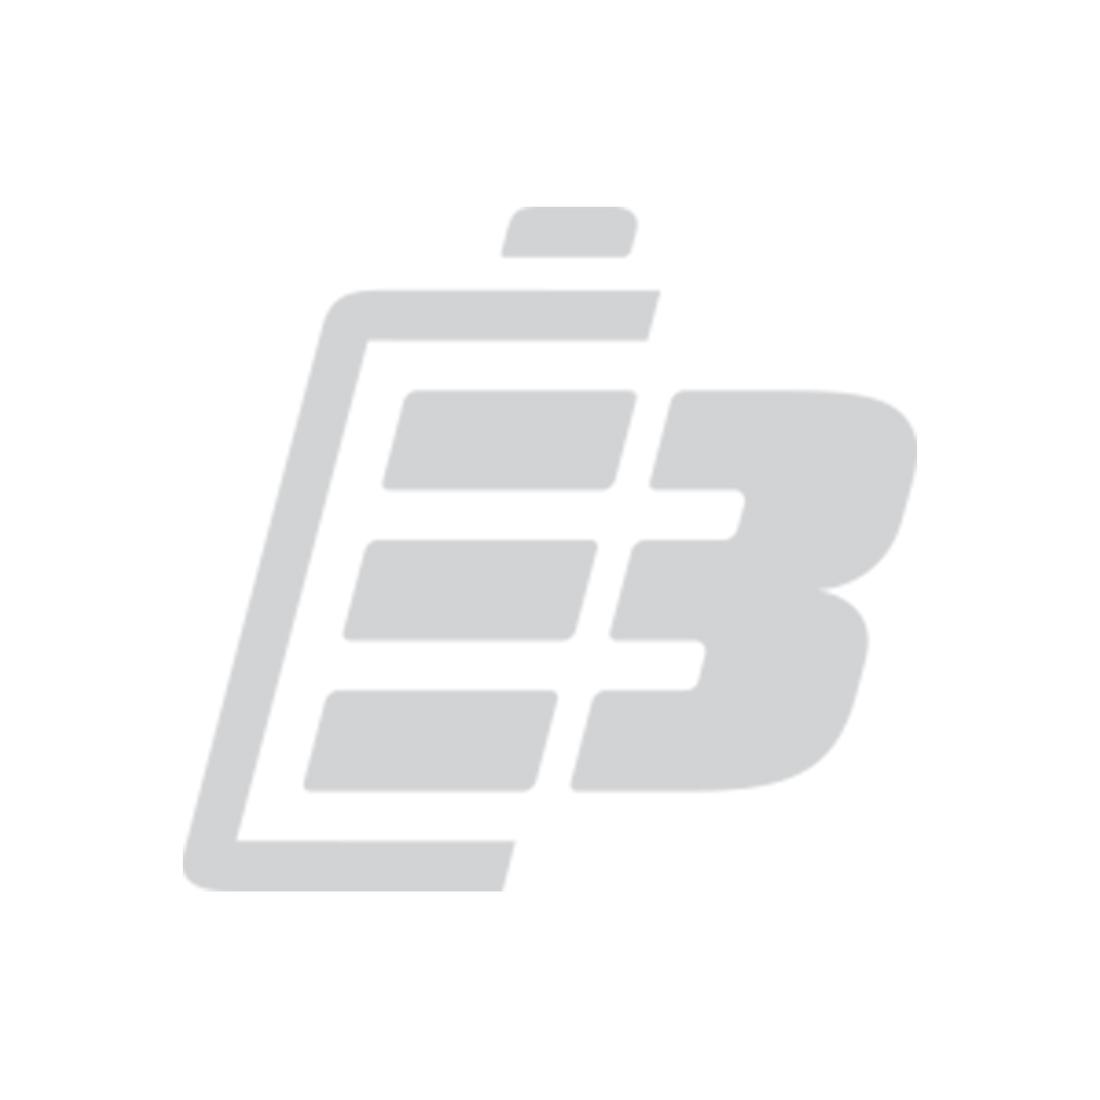 Μπαταρια Μολυβδου CSB EVX12200 12v 20ah 1